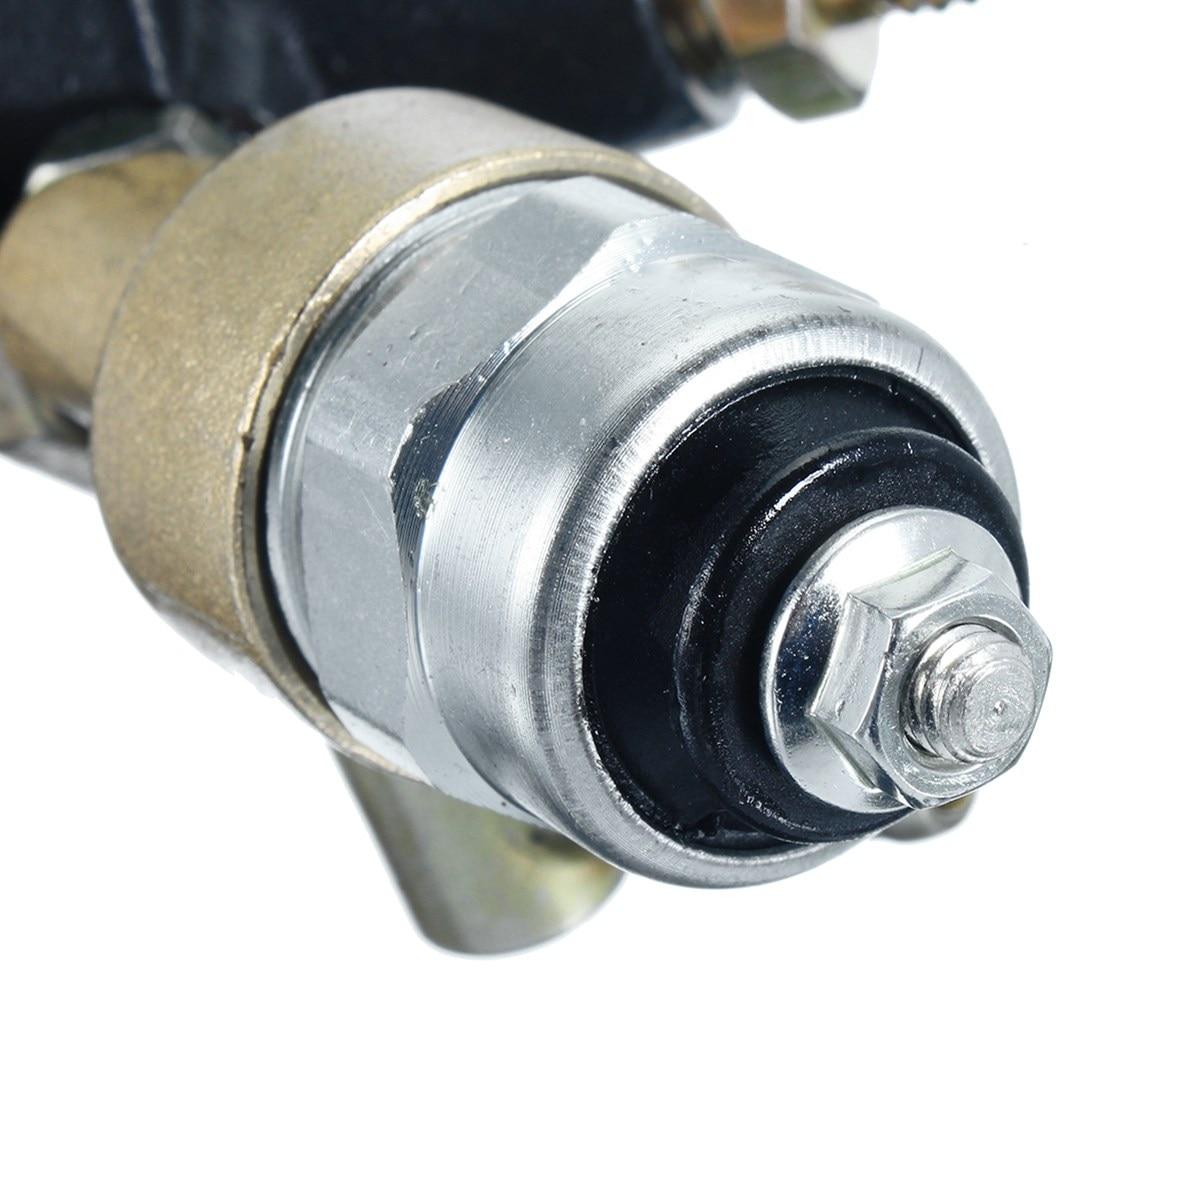 Инжектор топлива впрыска насос с соленоидным для Yanmar L100 186 186F 406cc генератор двигателя